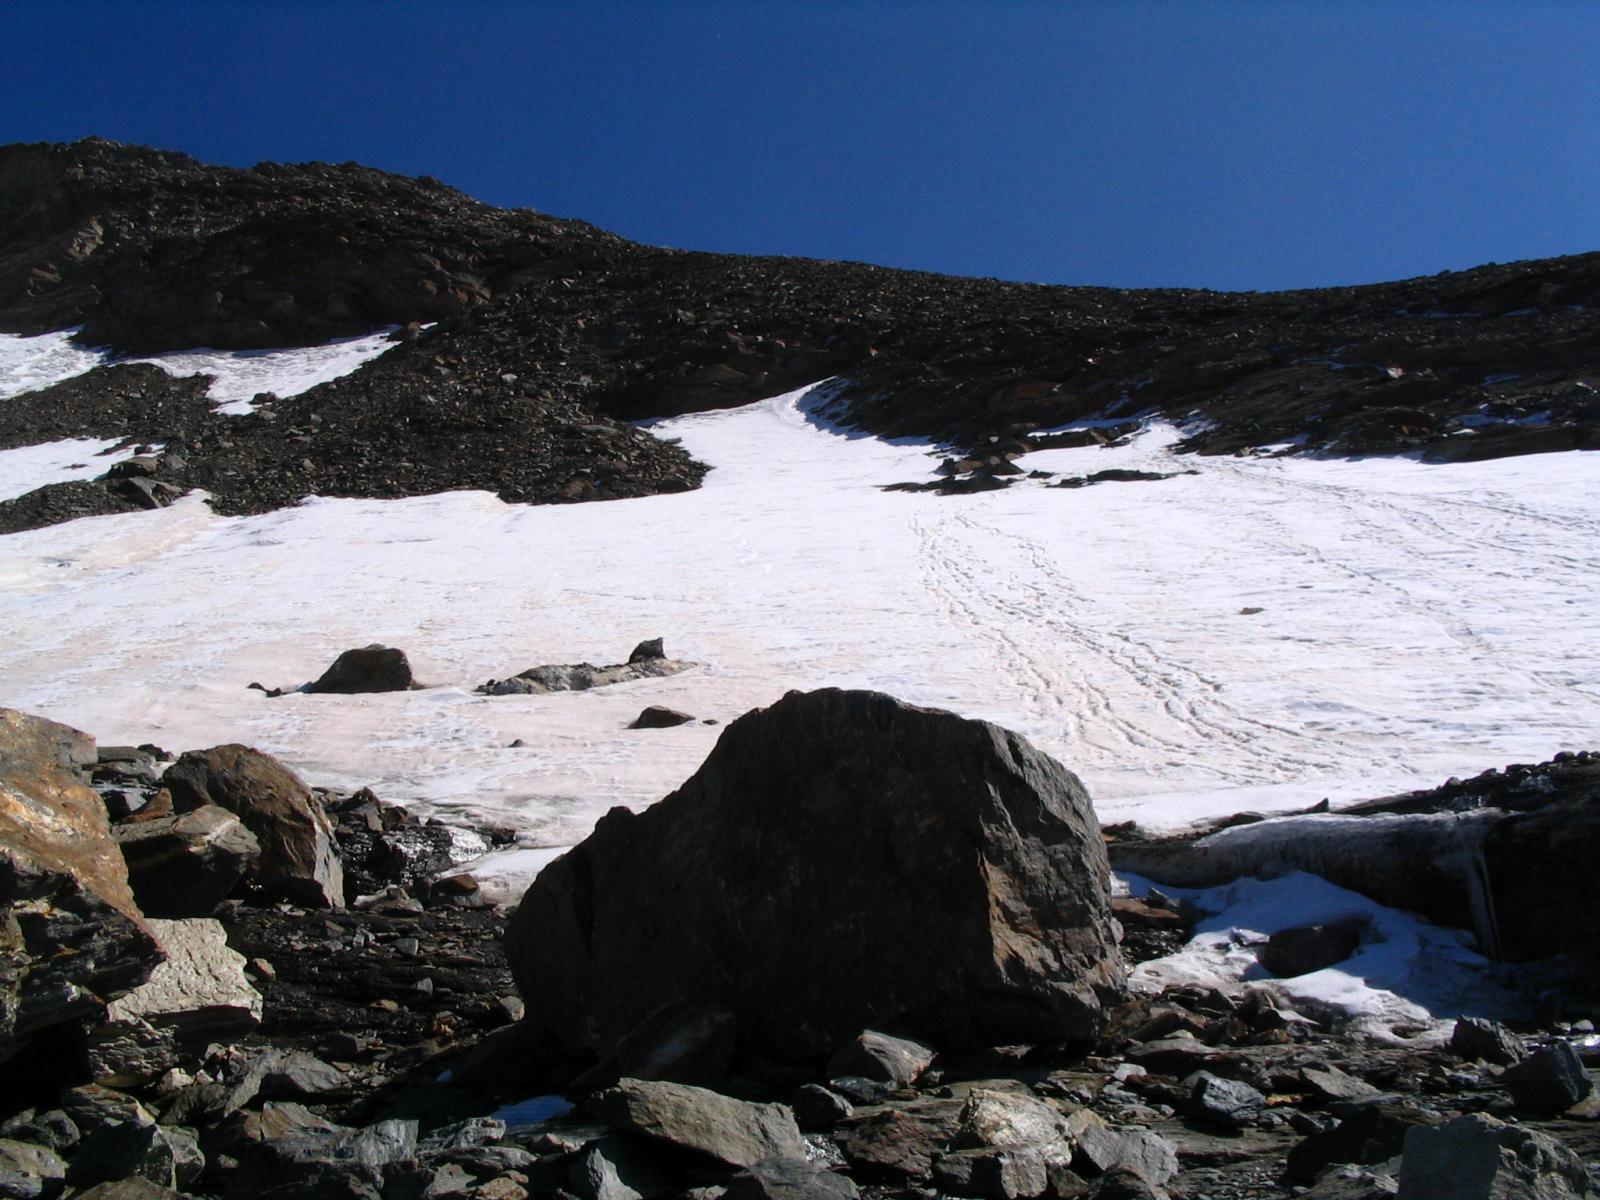 Attraversare il nevaio QUI per raggiungere la cresta W (via normale)